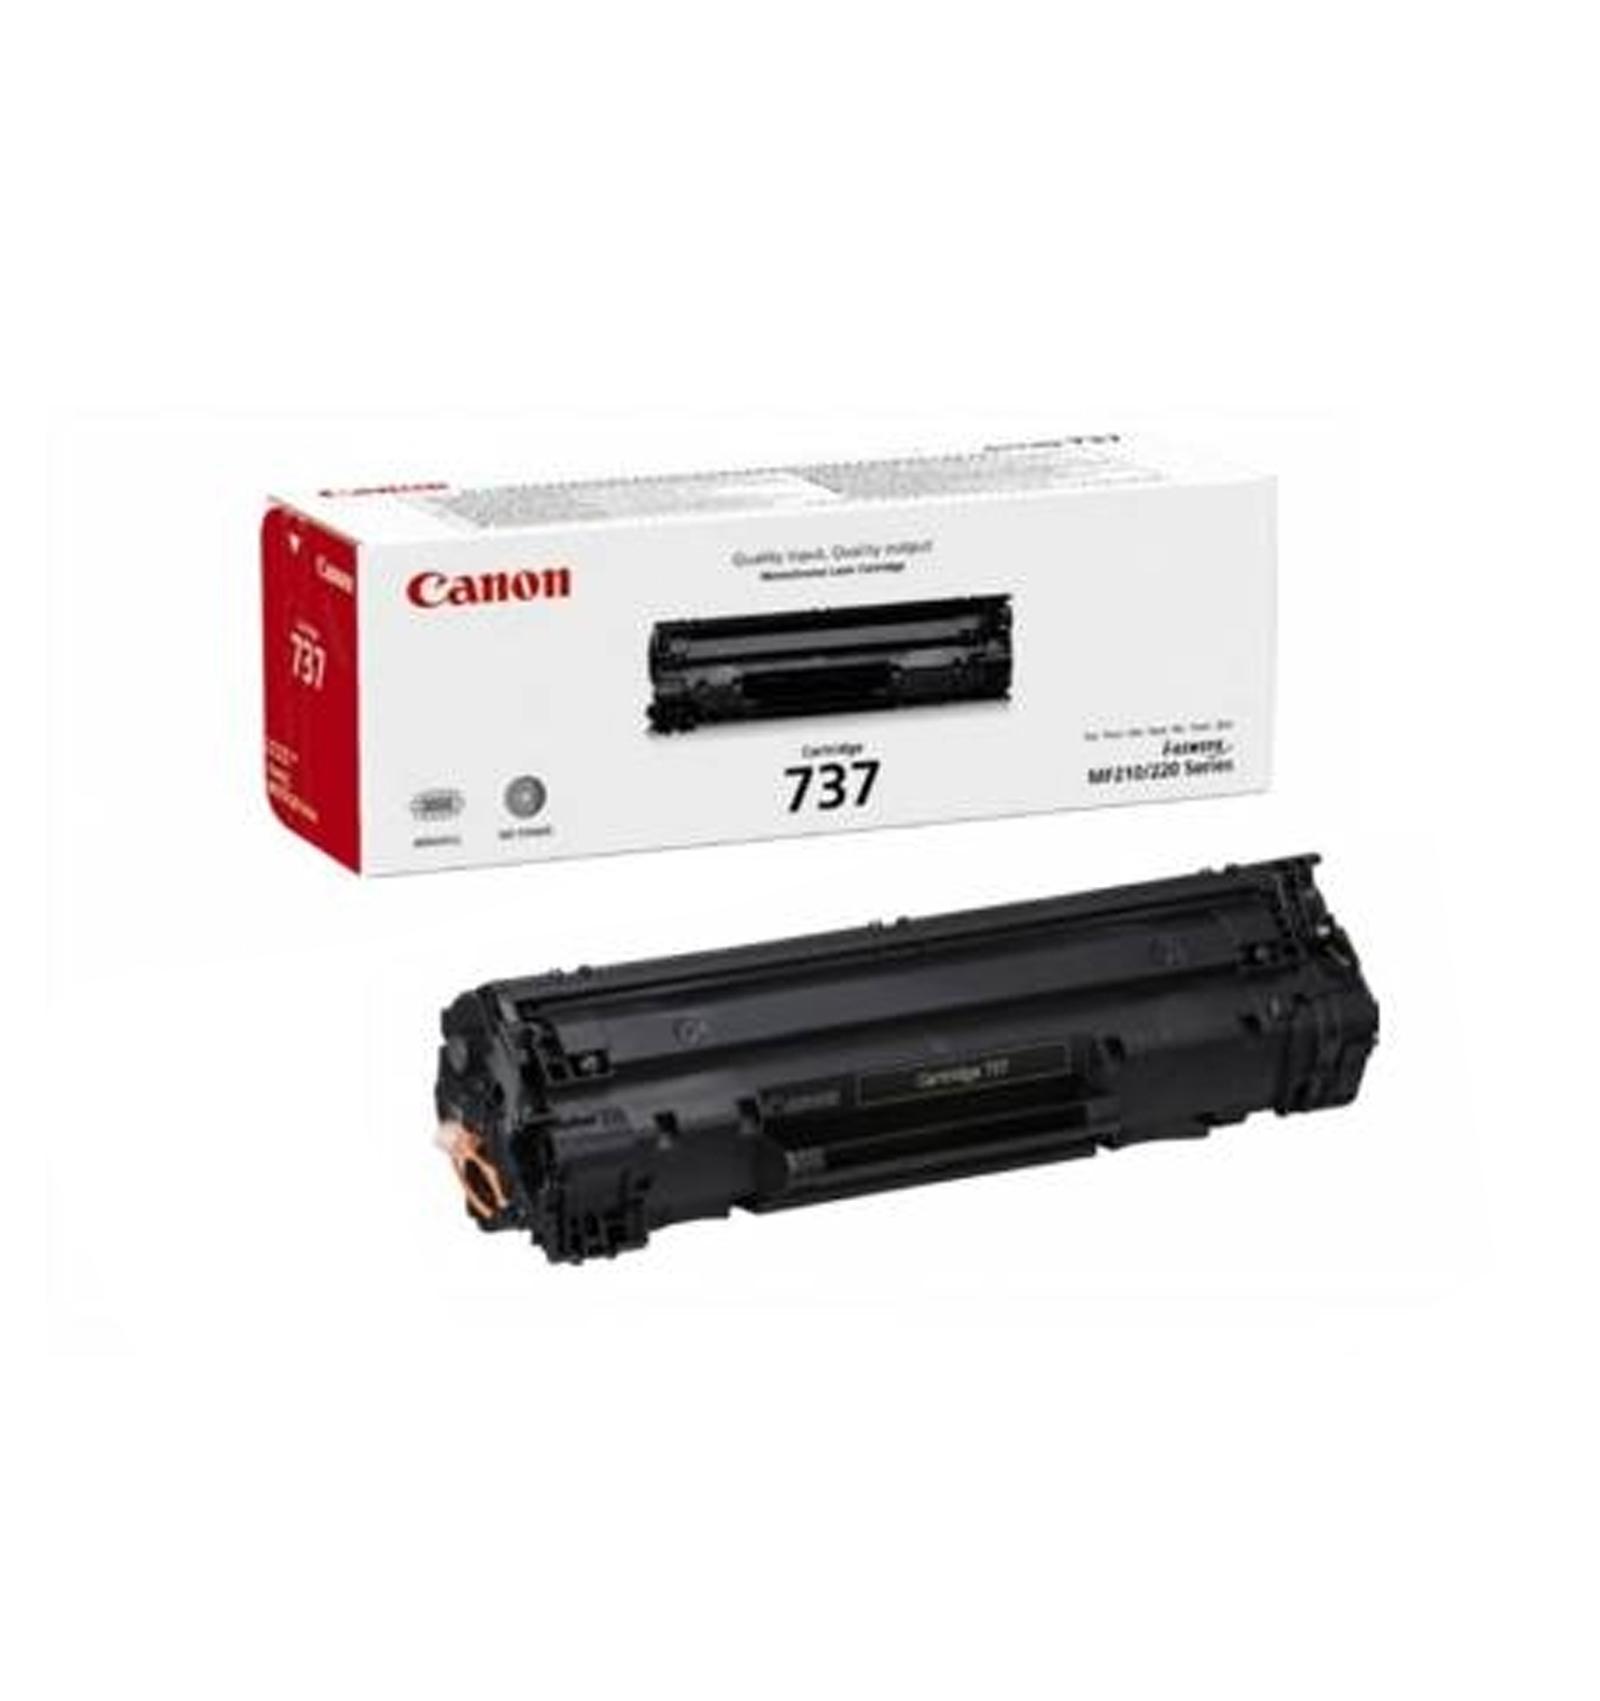 Заправка тонером картриджа Canon 737 для MF211/212/216/217/226/229